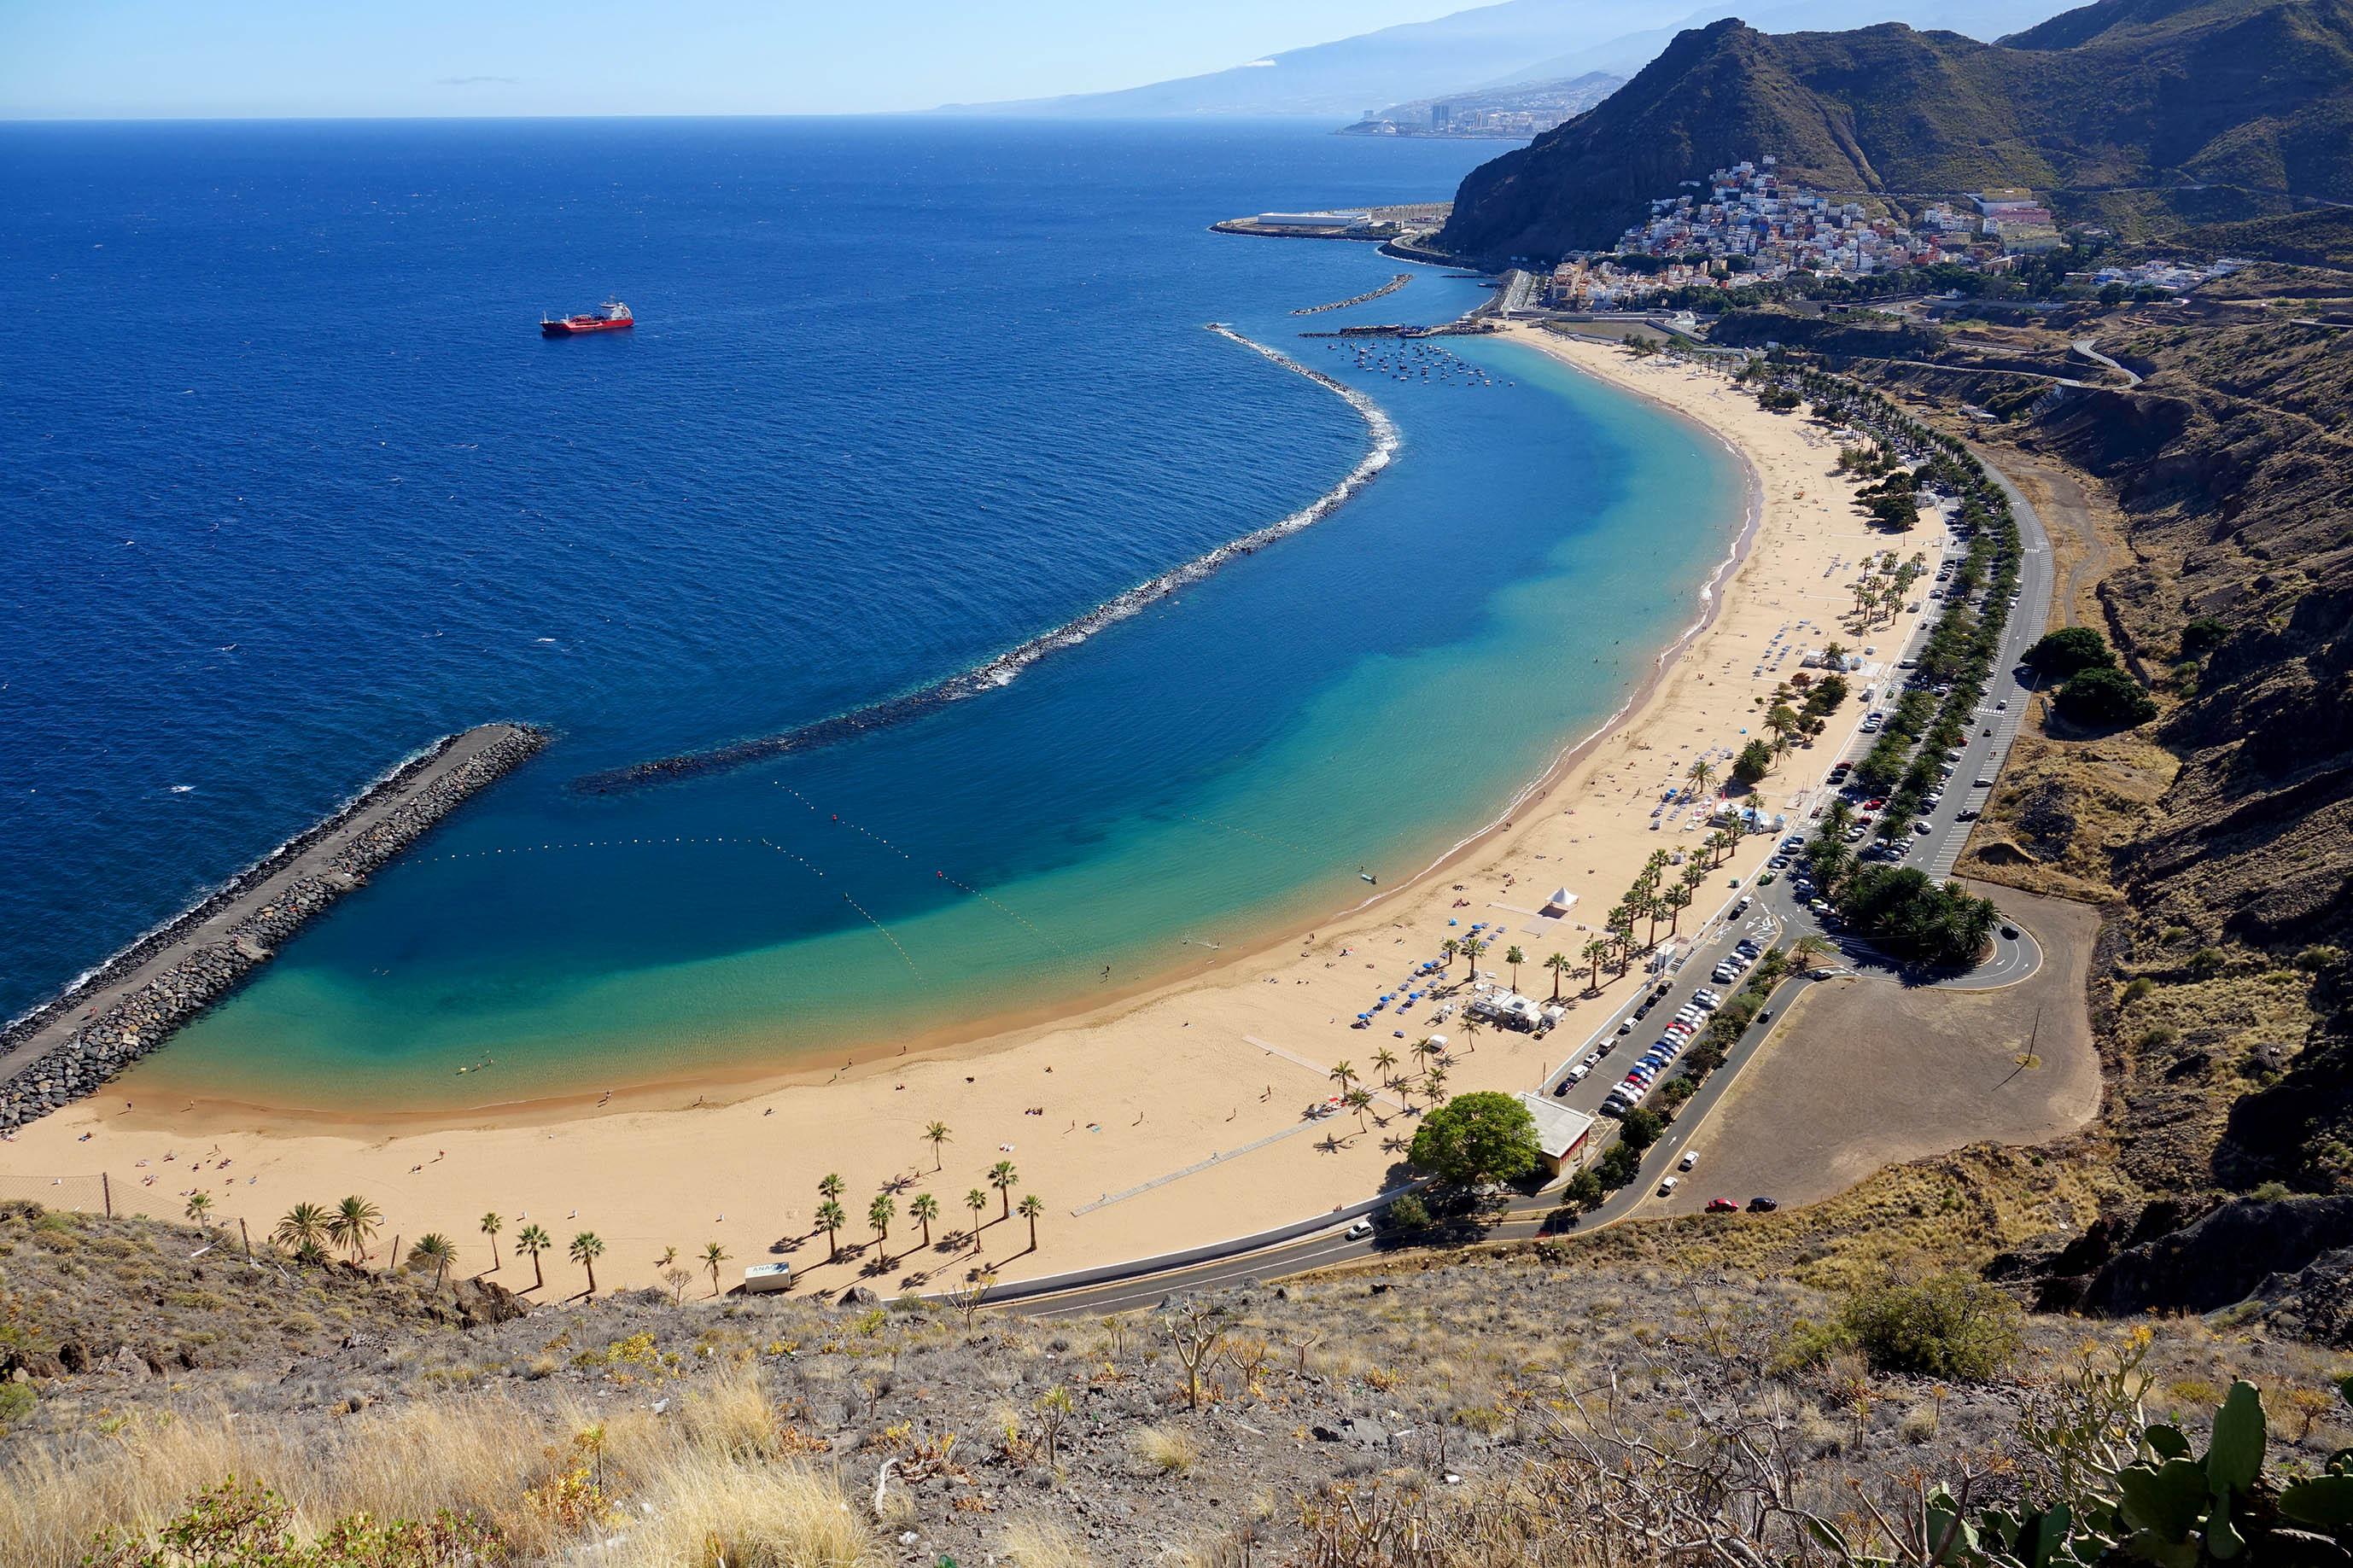 Santa Cruz de Tenerife celebra el Día Mundial de las Playas con una acción informativa en Las Teresitas y una limpieza en Antequera